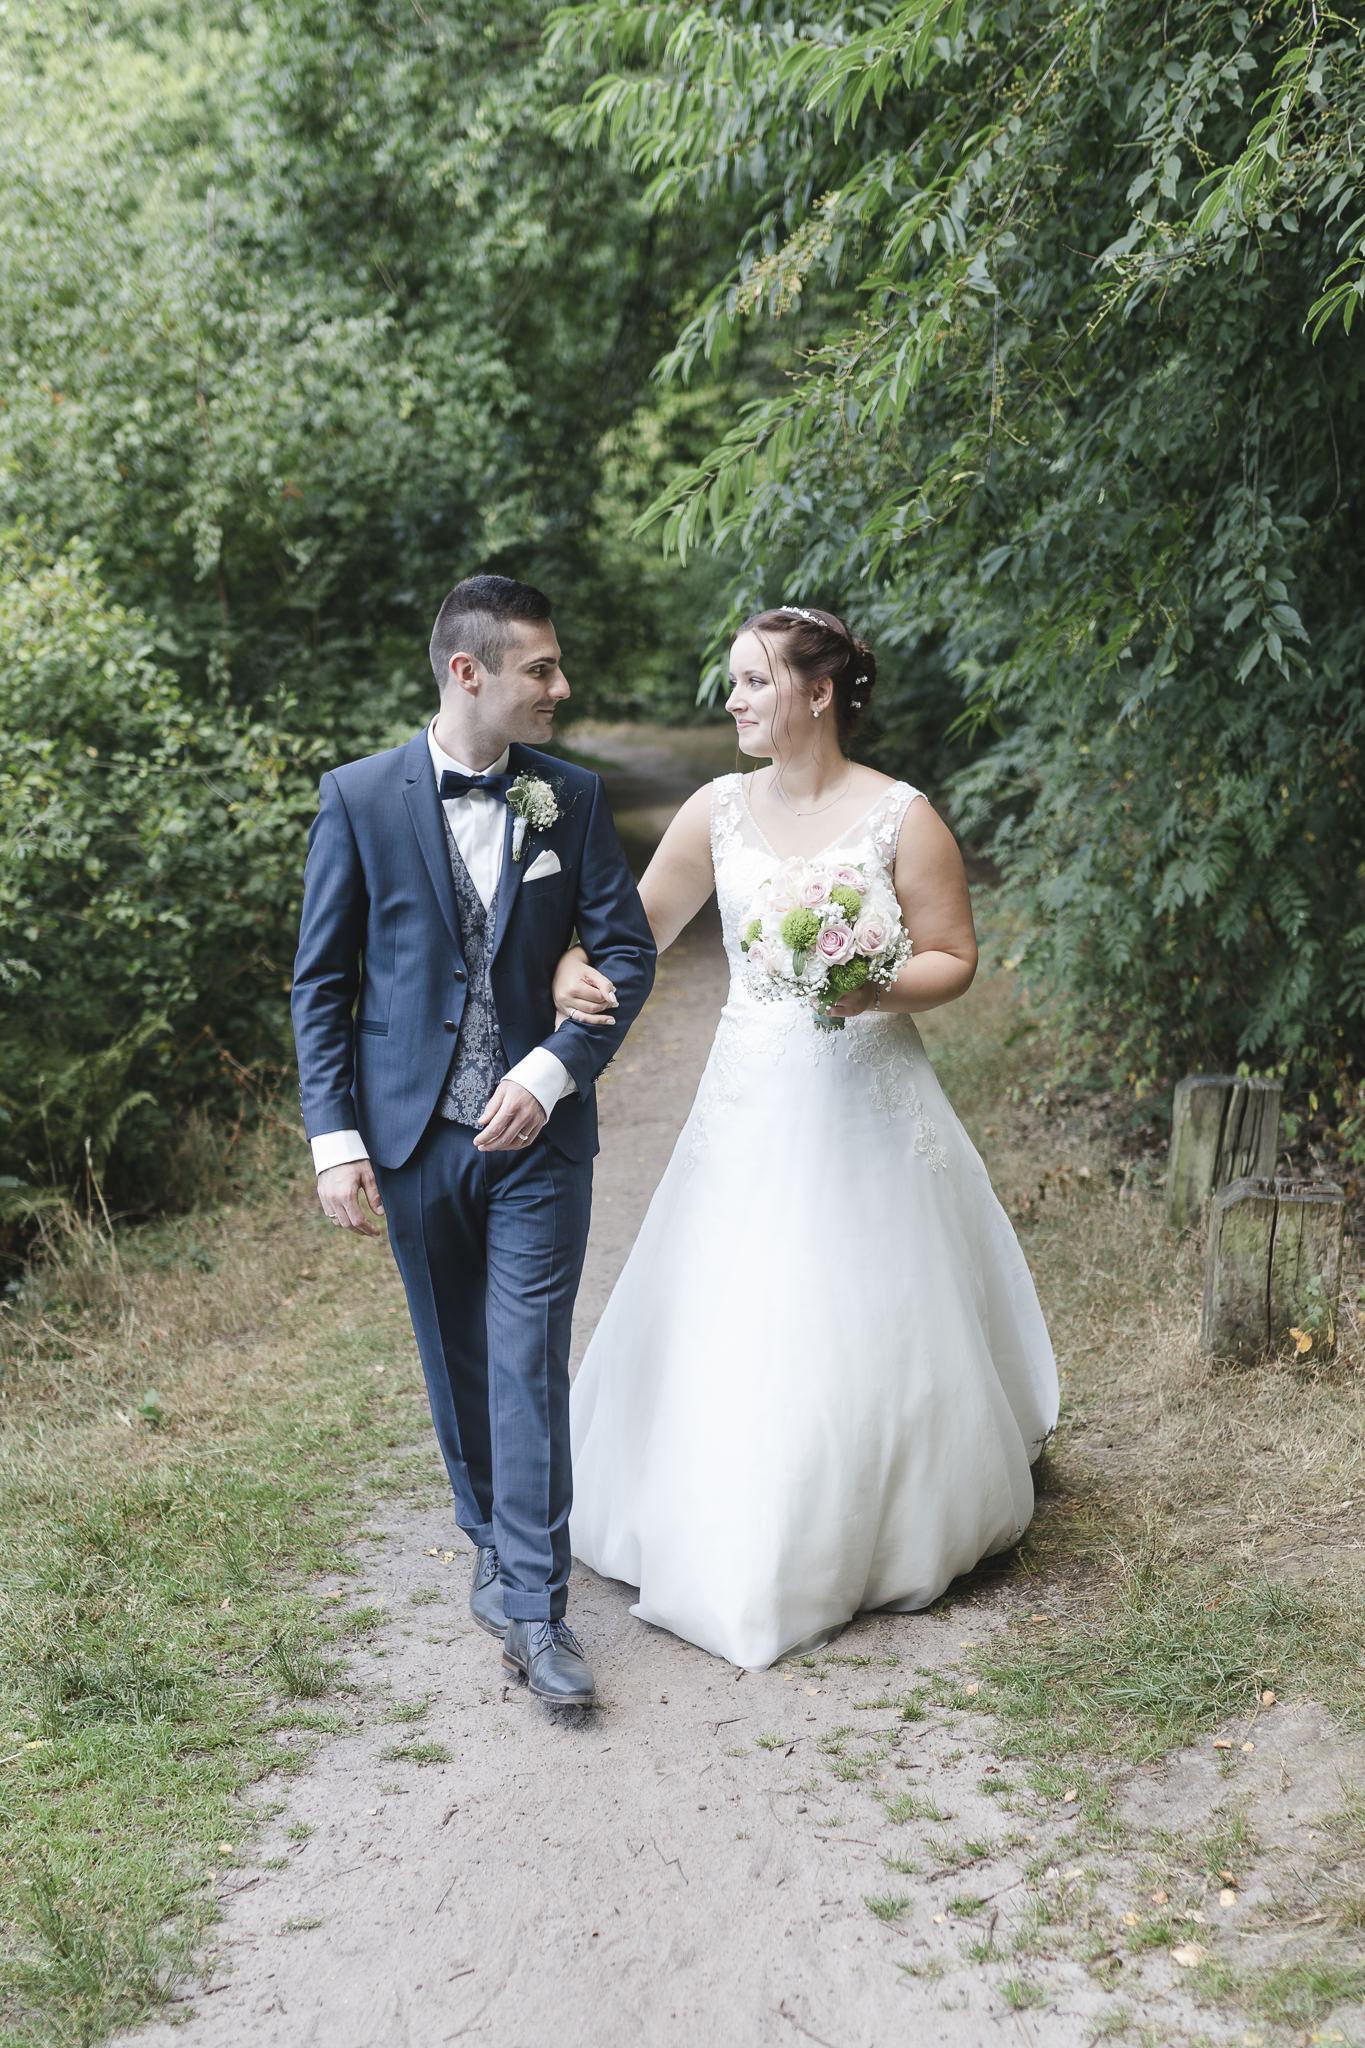 Hochzeitsfotograf Hamburg - Hochzeit Verena und Malte - 60